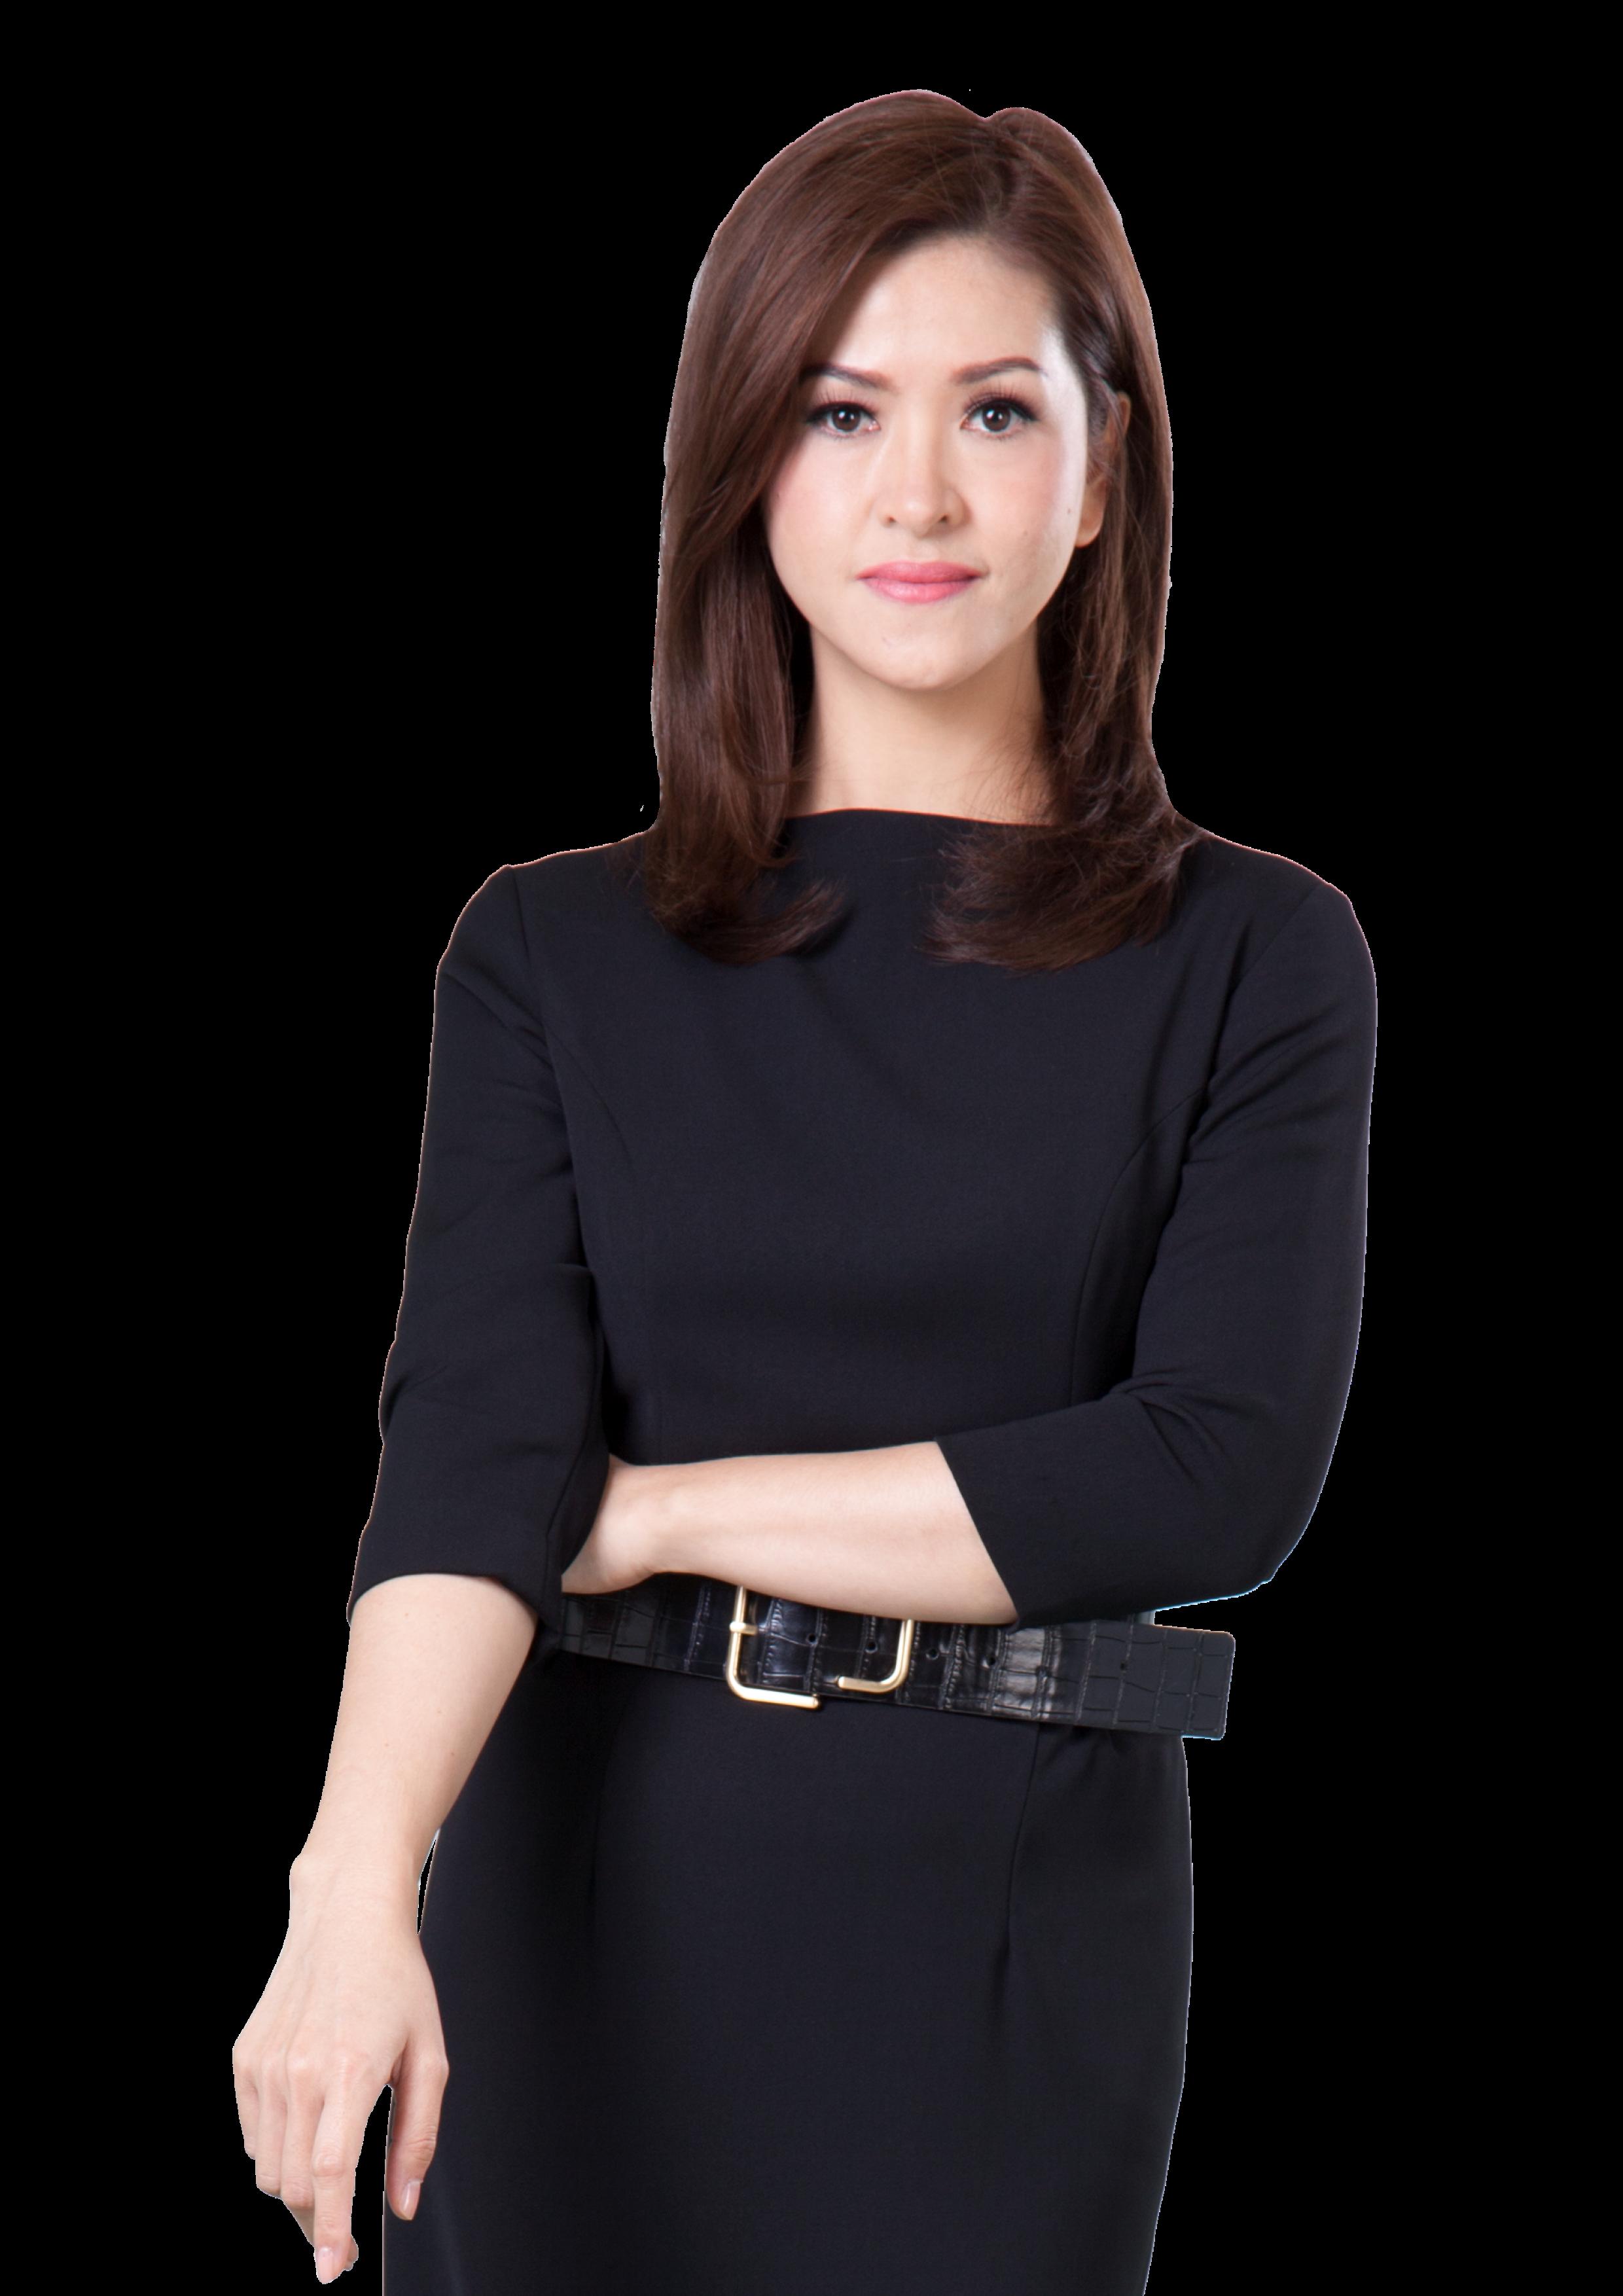 Sumi Yang